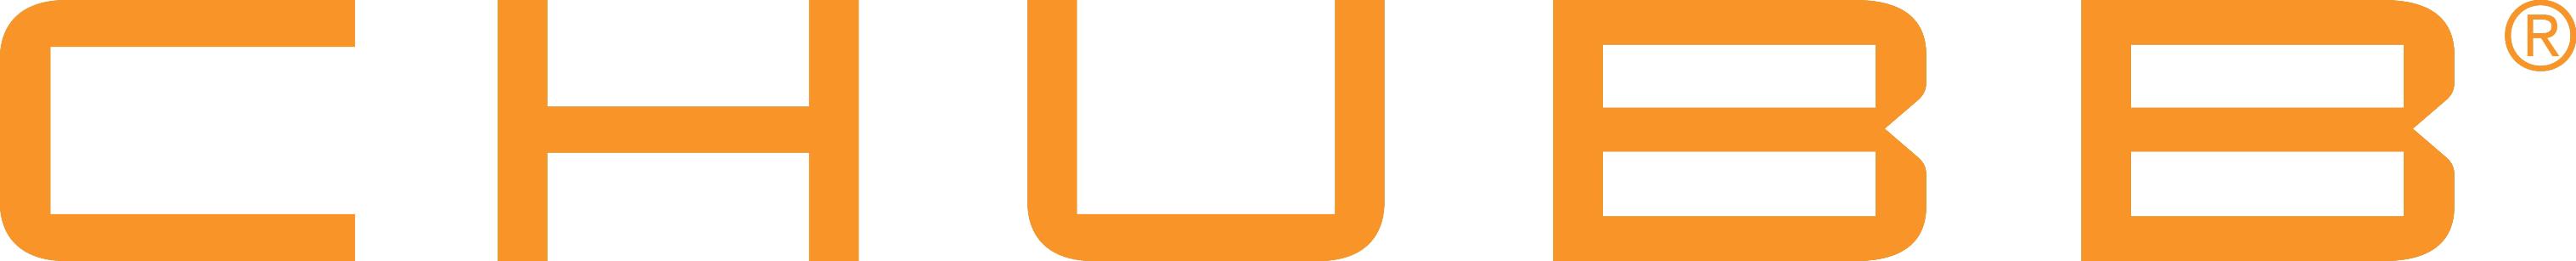 CHUBB_Logo_orange - silver